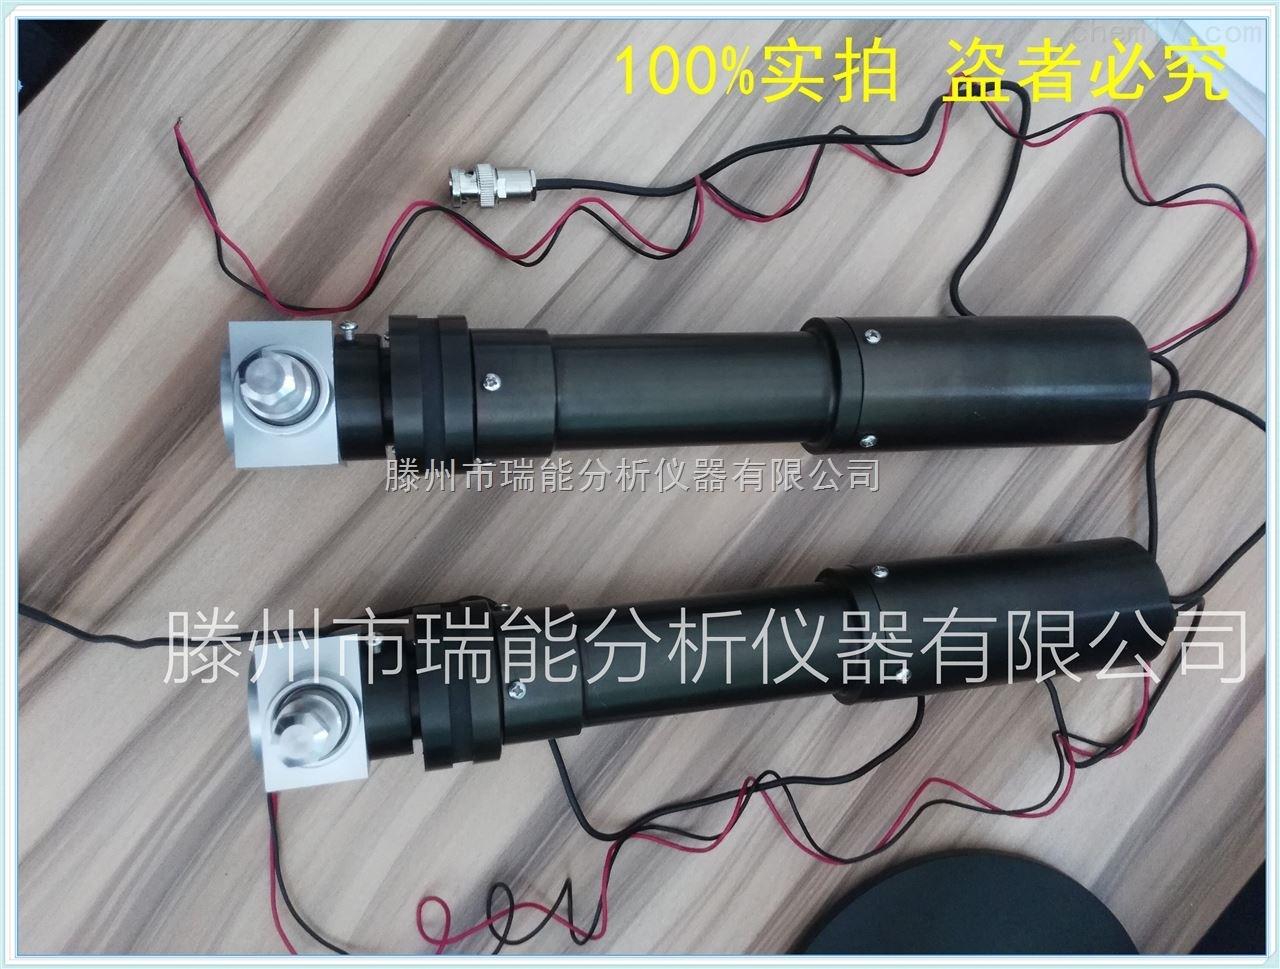 气相色谱仪用FPD火焰光度检测器 检测含磷、硫化合物检测器